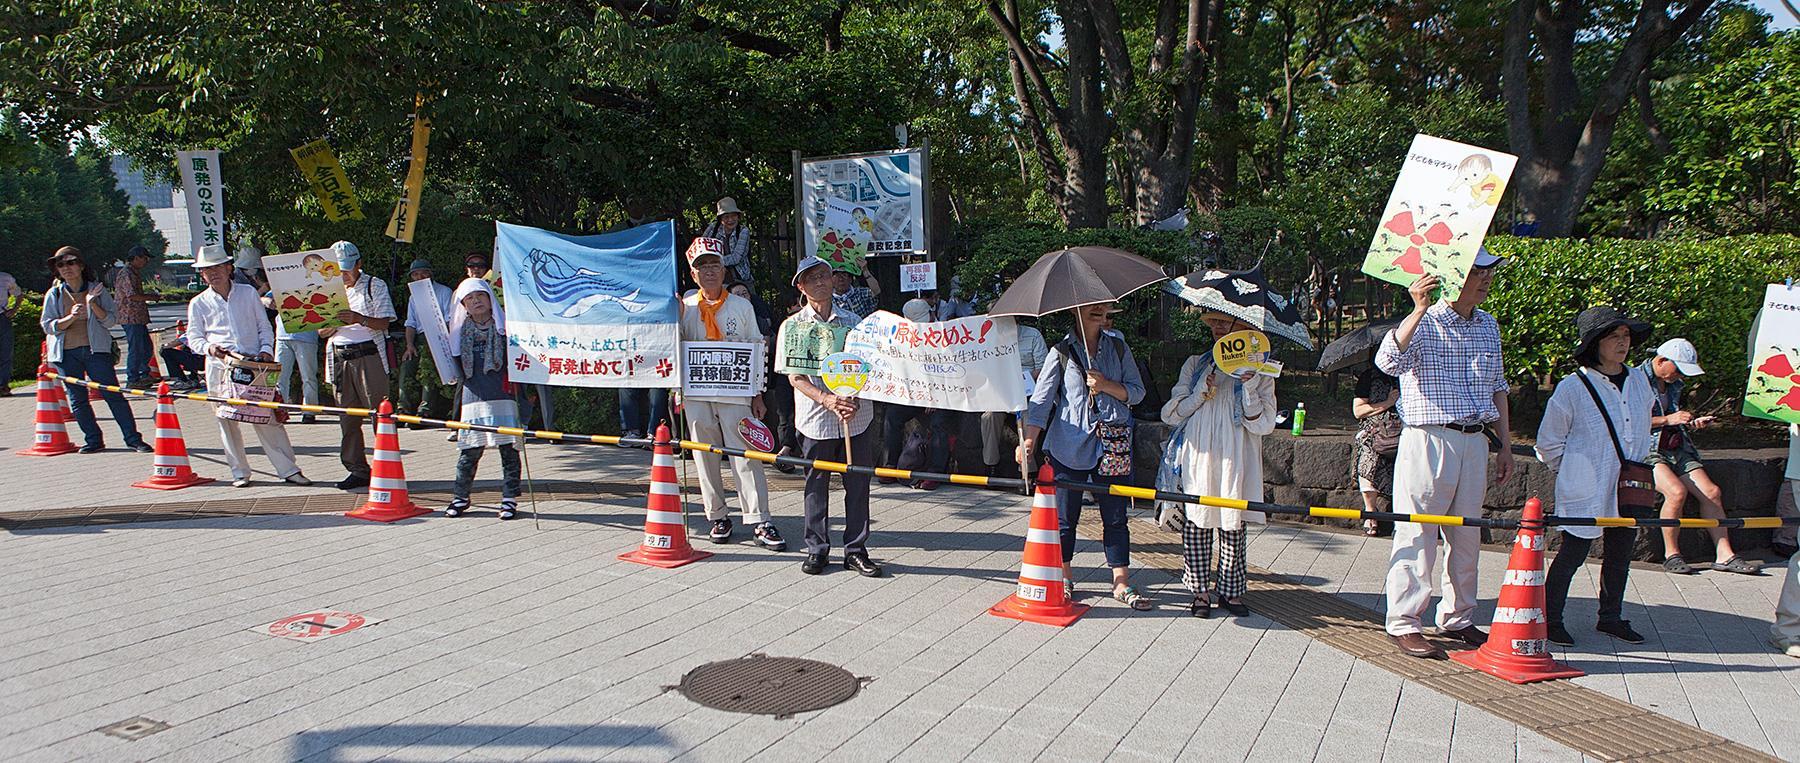 Eine Gruppe von Menschen mit Transparenten im Beitrag Tokio Against Nukes auf der Seite Stadterkundung.com